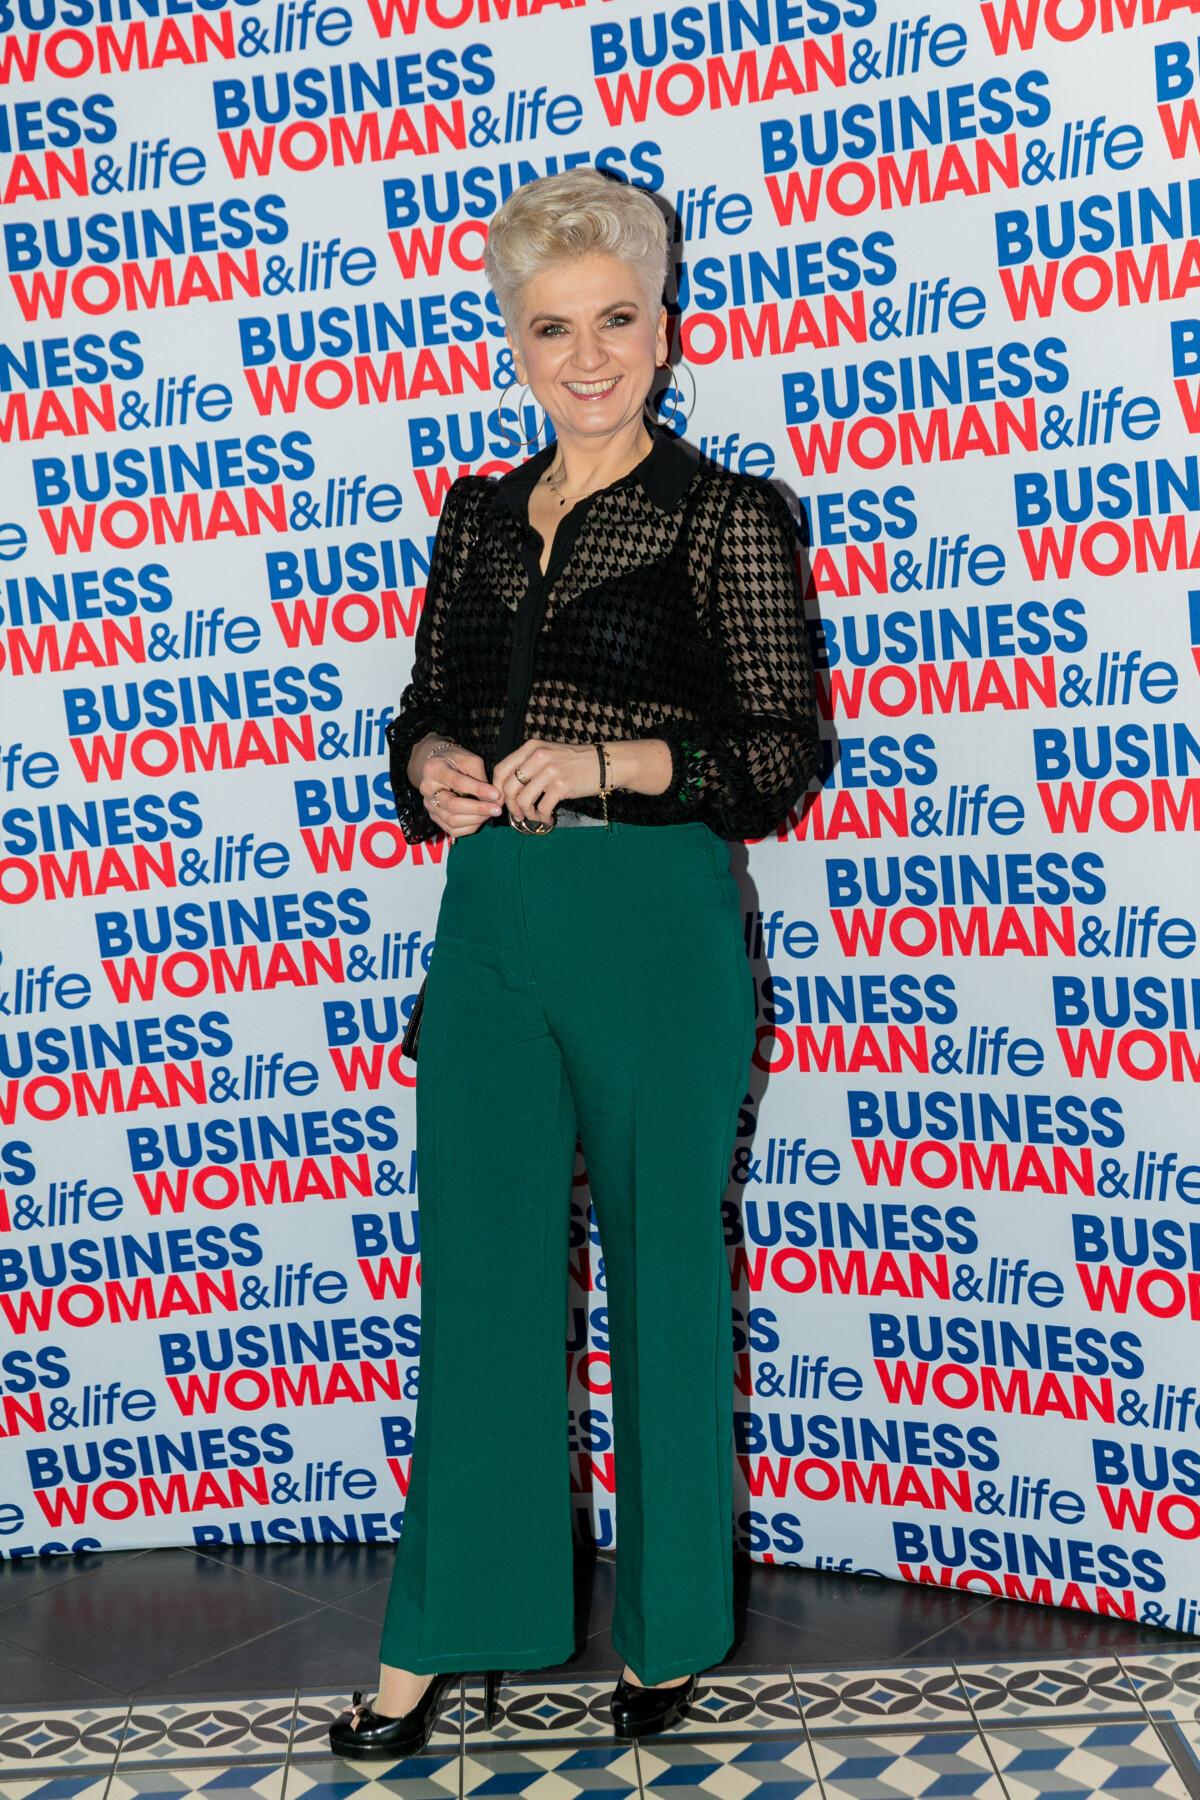 Domikon - XII Businesswoman Awards